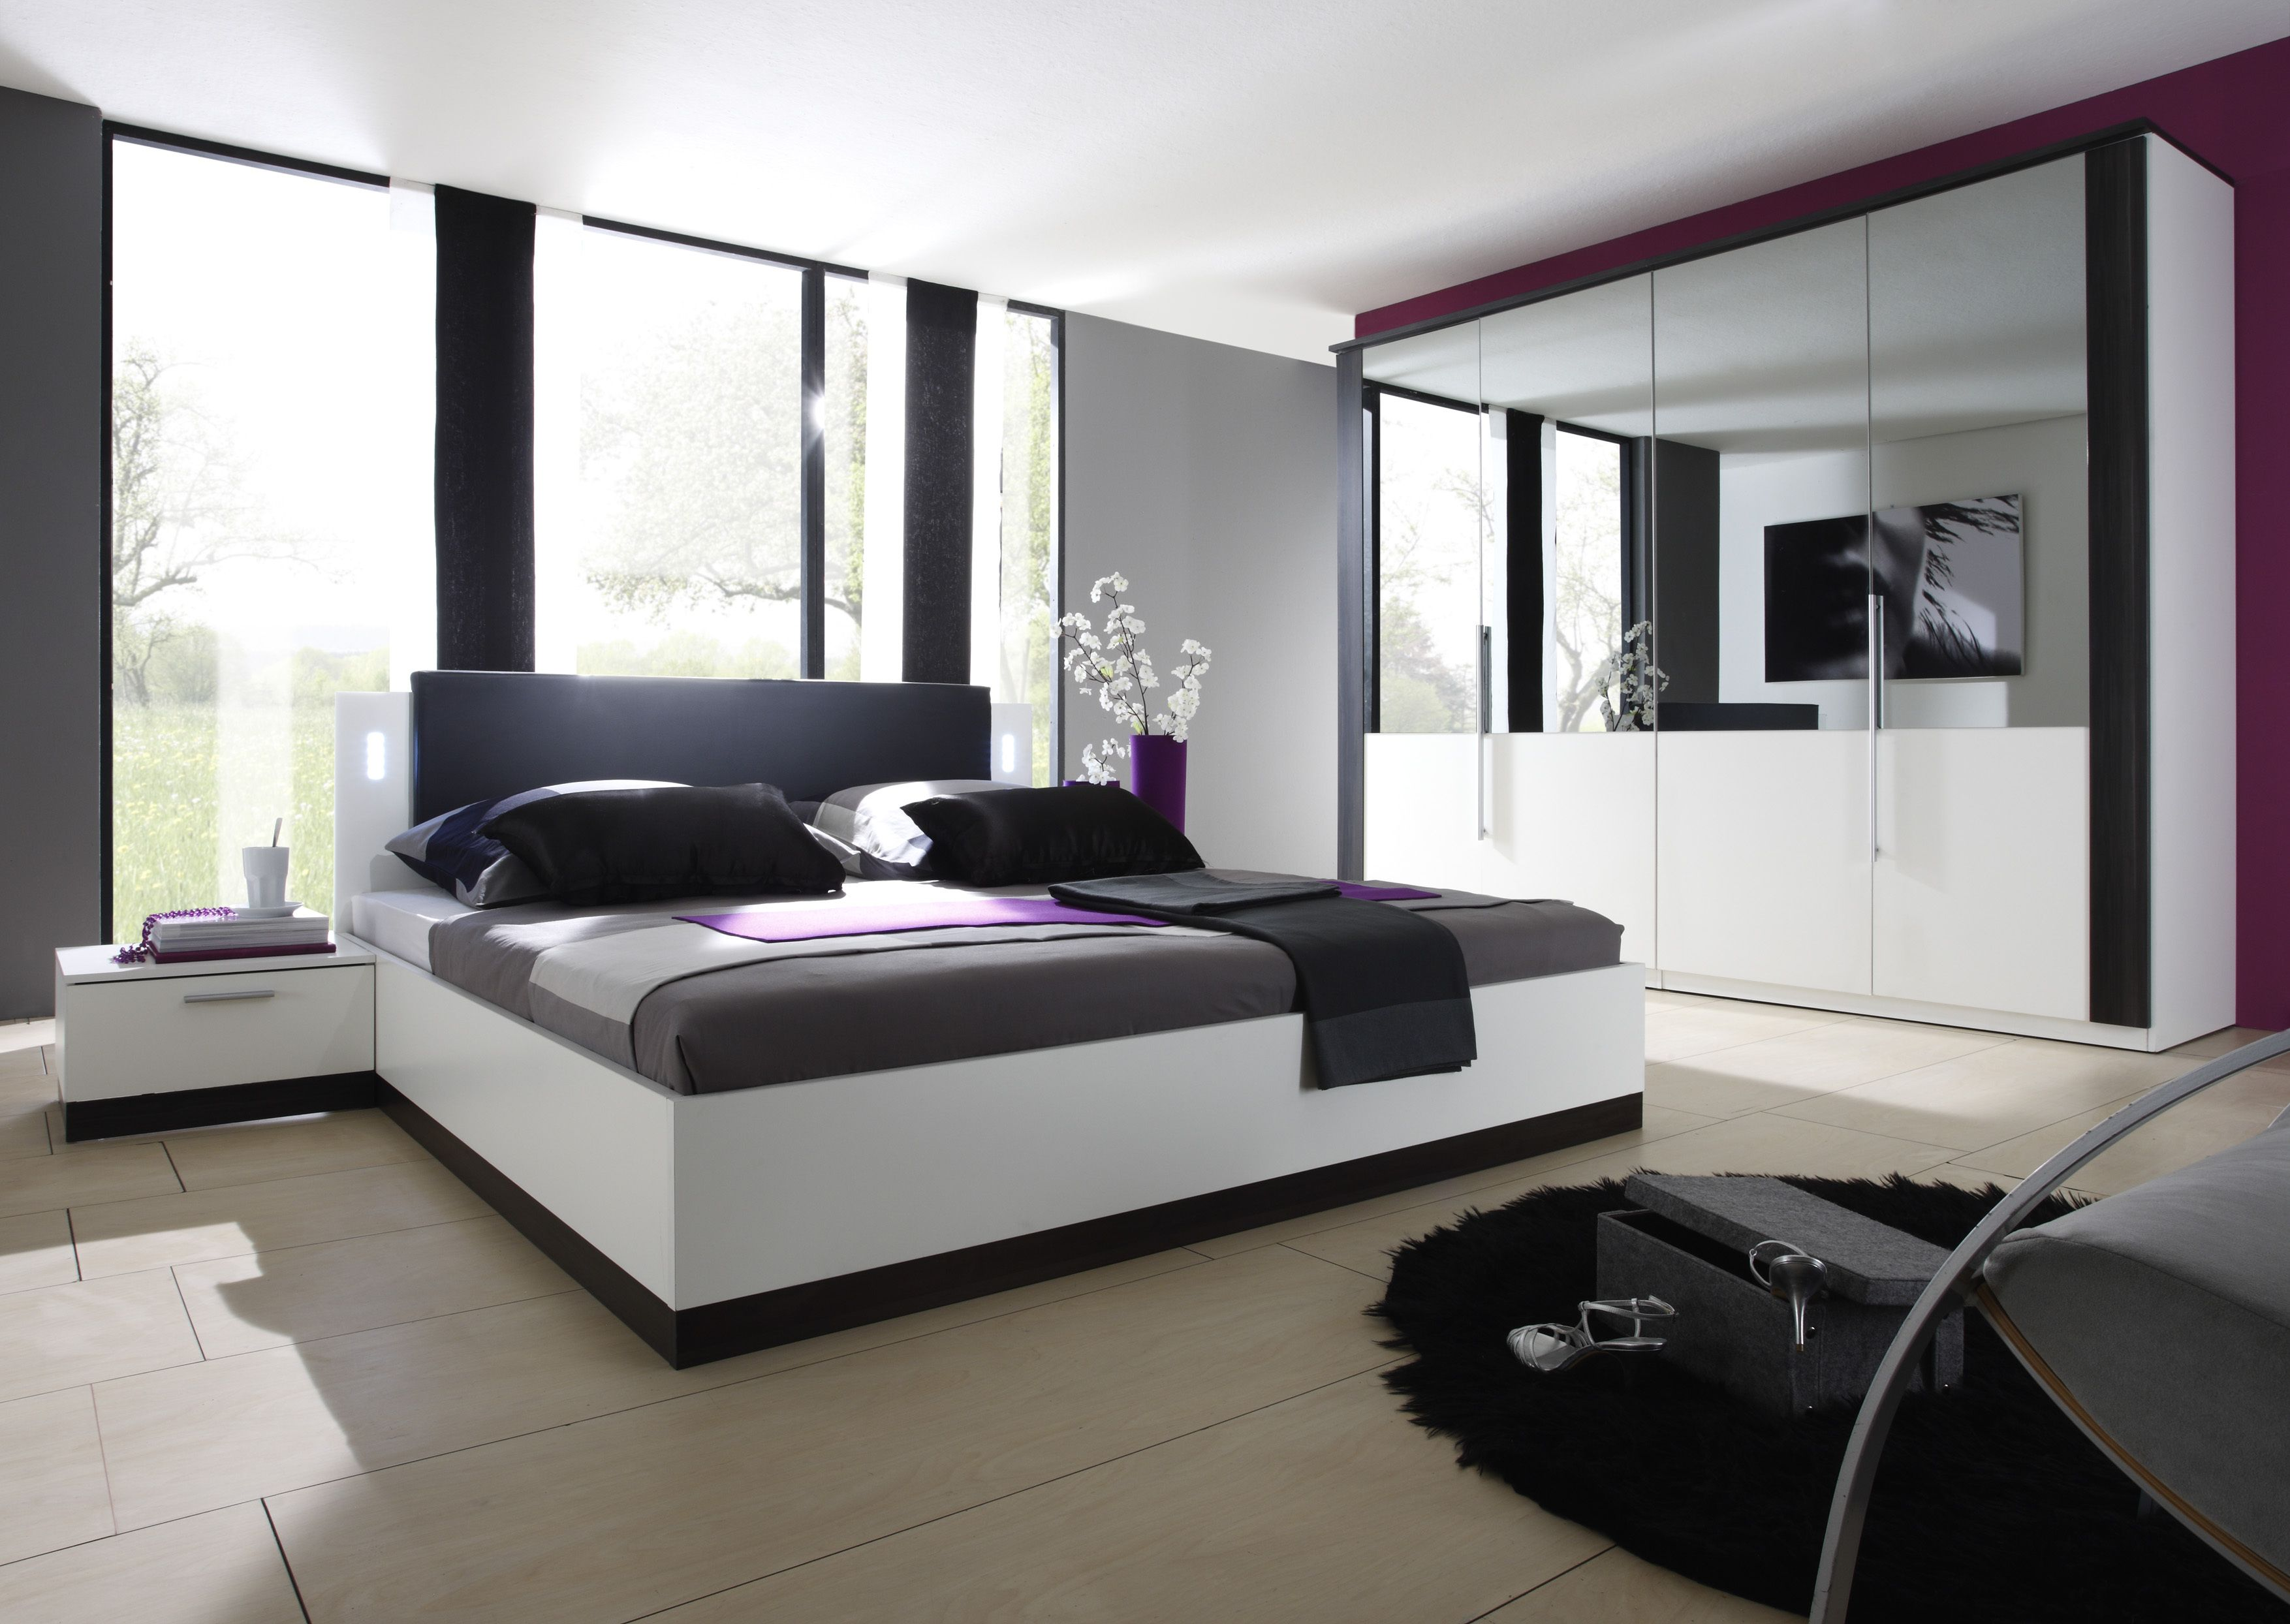 Genial Komplett Schlafzimmer Boxspringbett Modern Bedroom